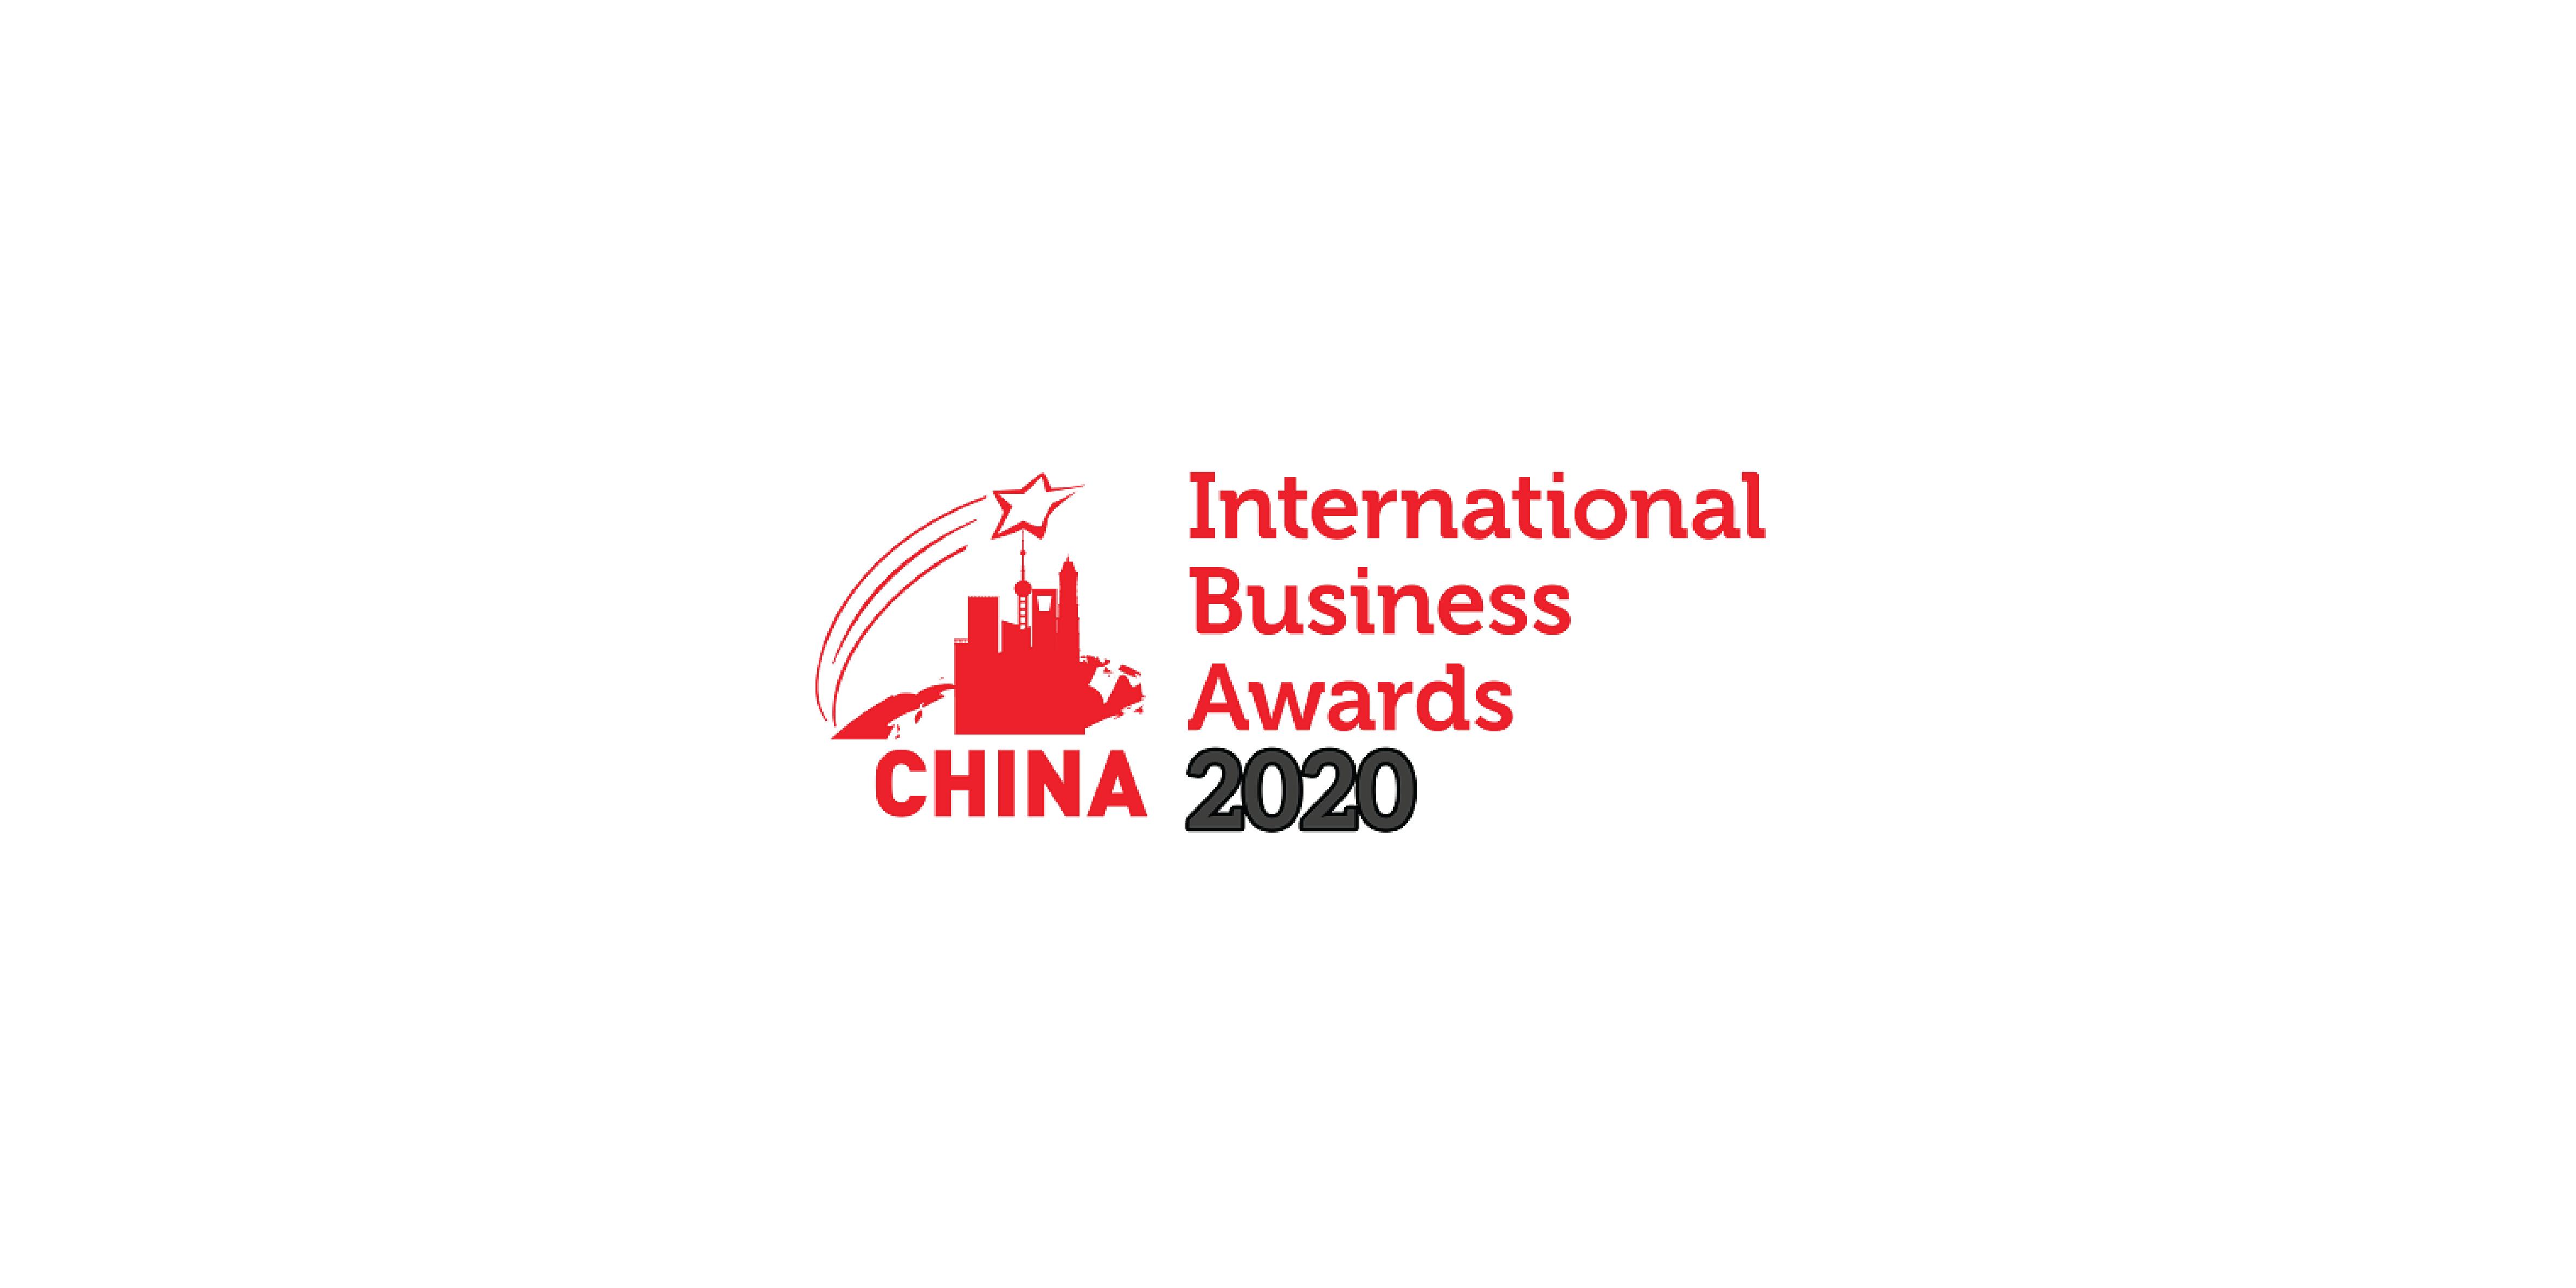 卓佳集团荣获中国国际商业大奖最佳商务服务提供商殊荣